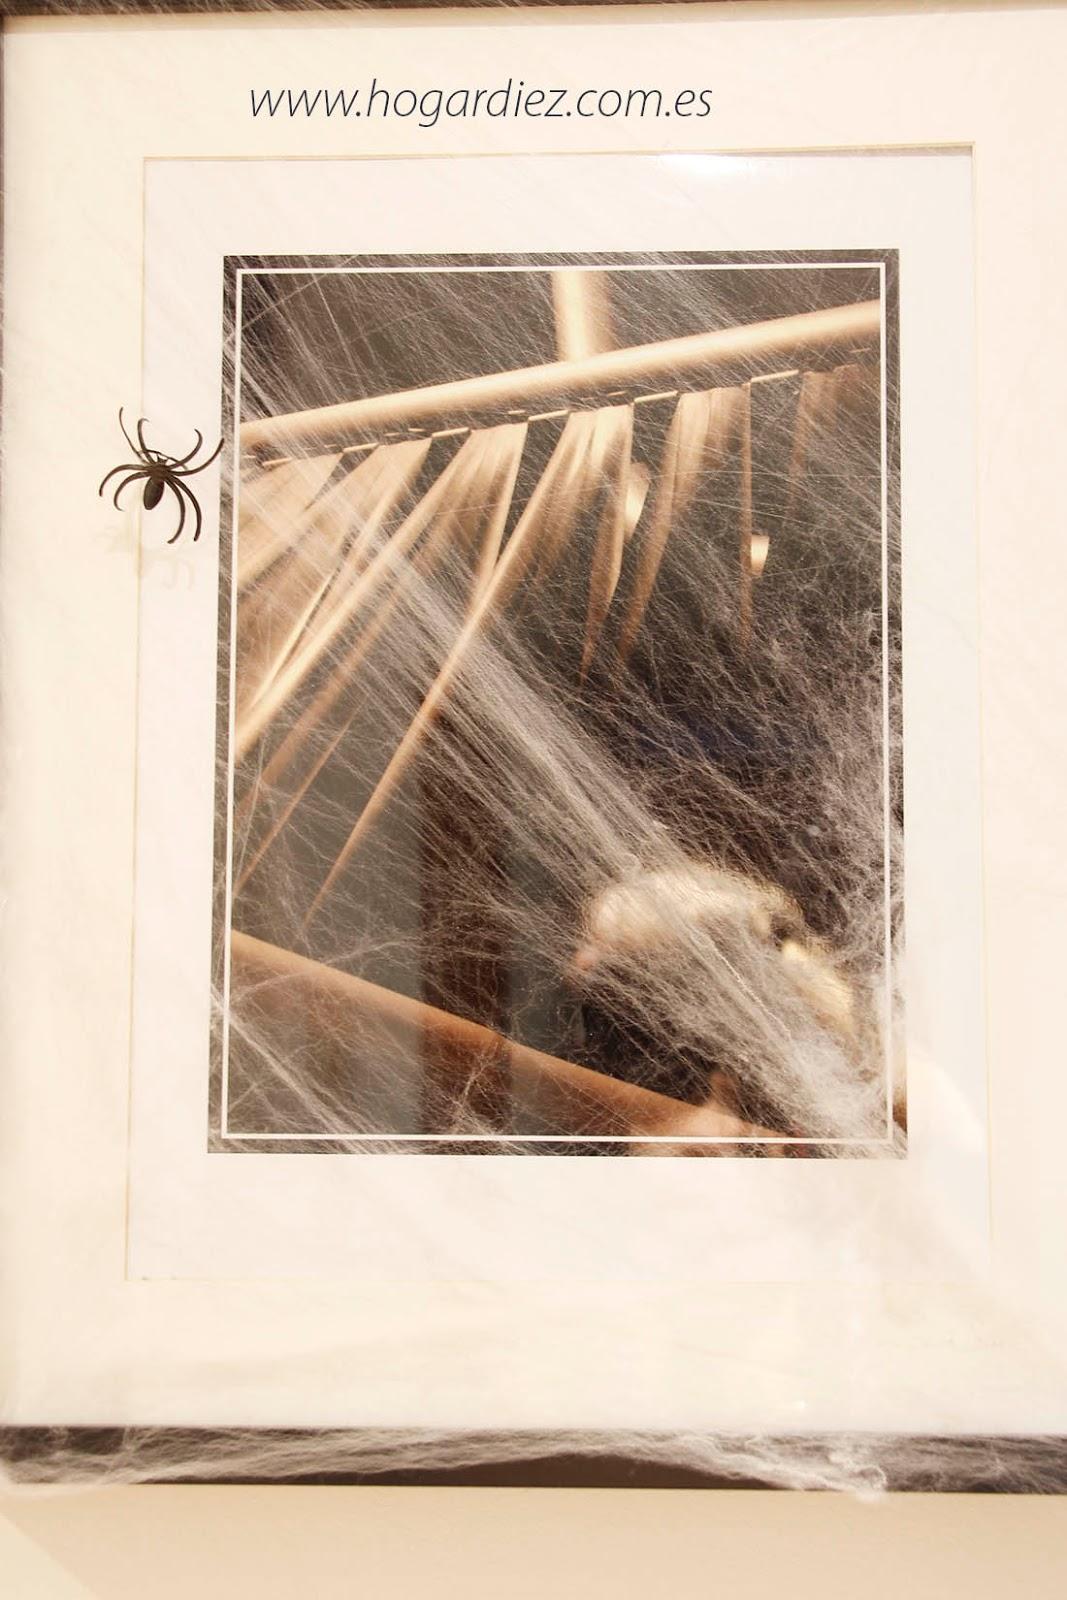 Halloween cuadro con tela de araña